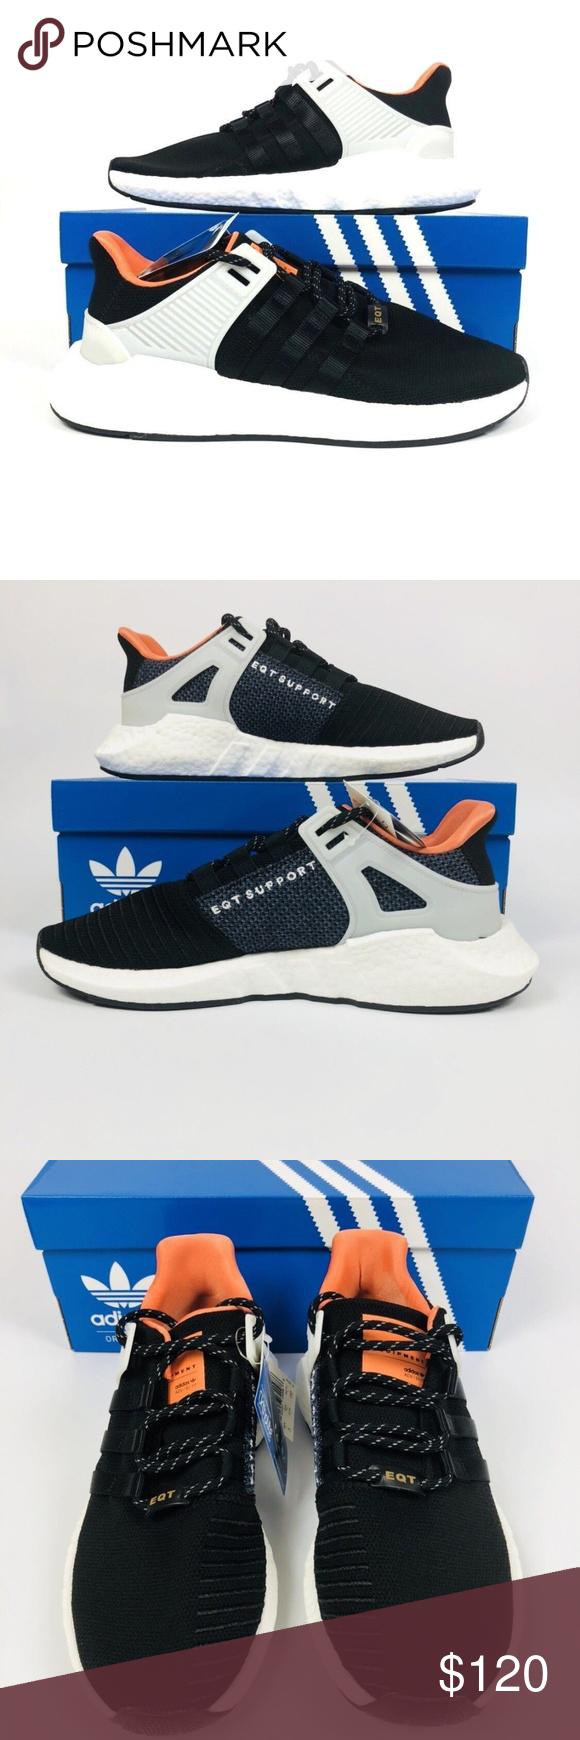 cdf75bded32f Adidas Originals Eqt Equipment Support Adidas Originals Eqt Equipment  Support 93-17 ADV Boost Black